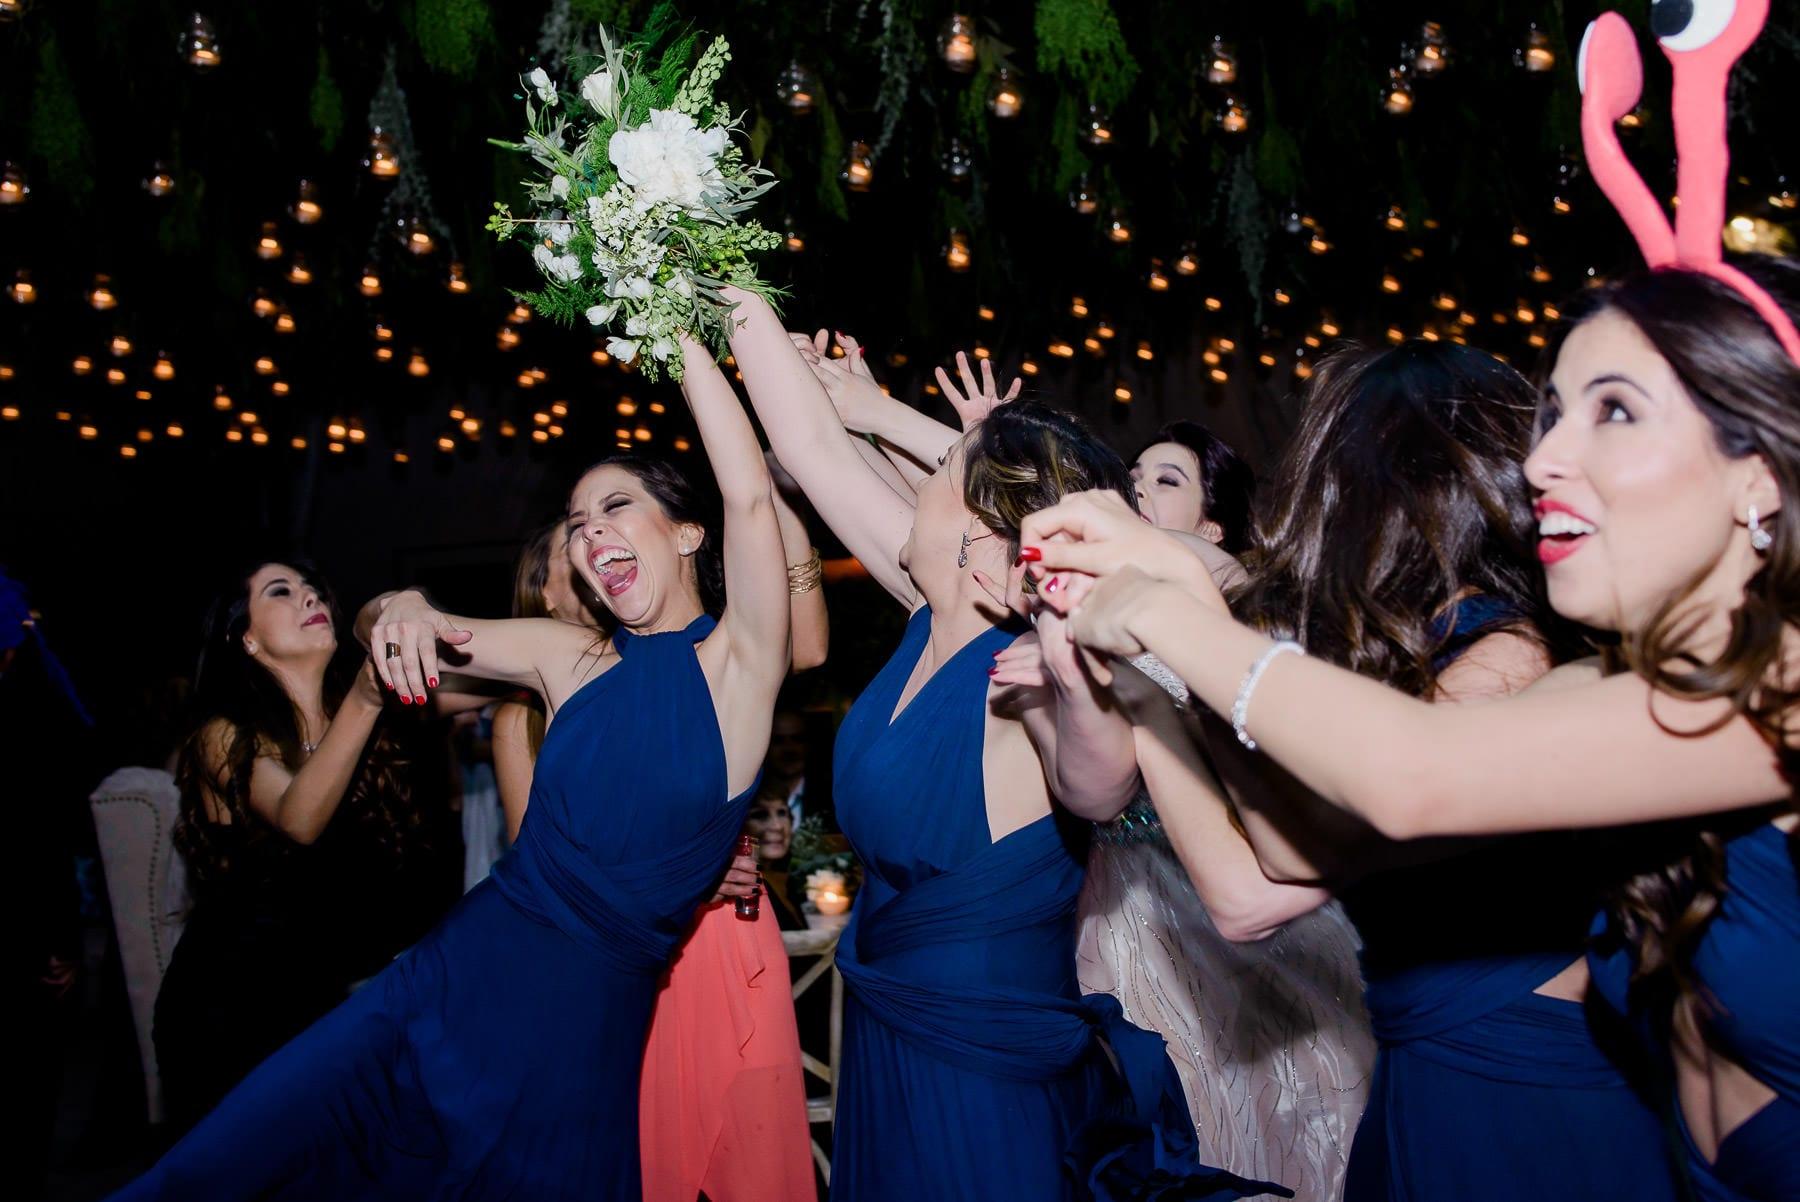 fotografo-de-bodas-en-queretaro-64